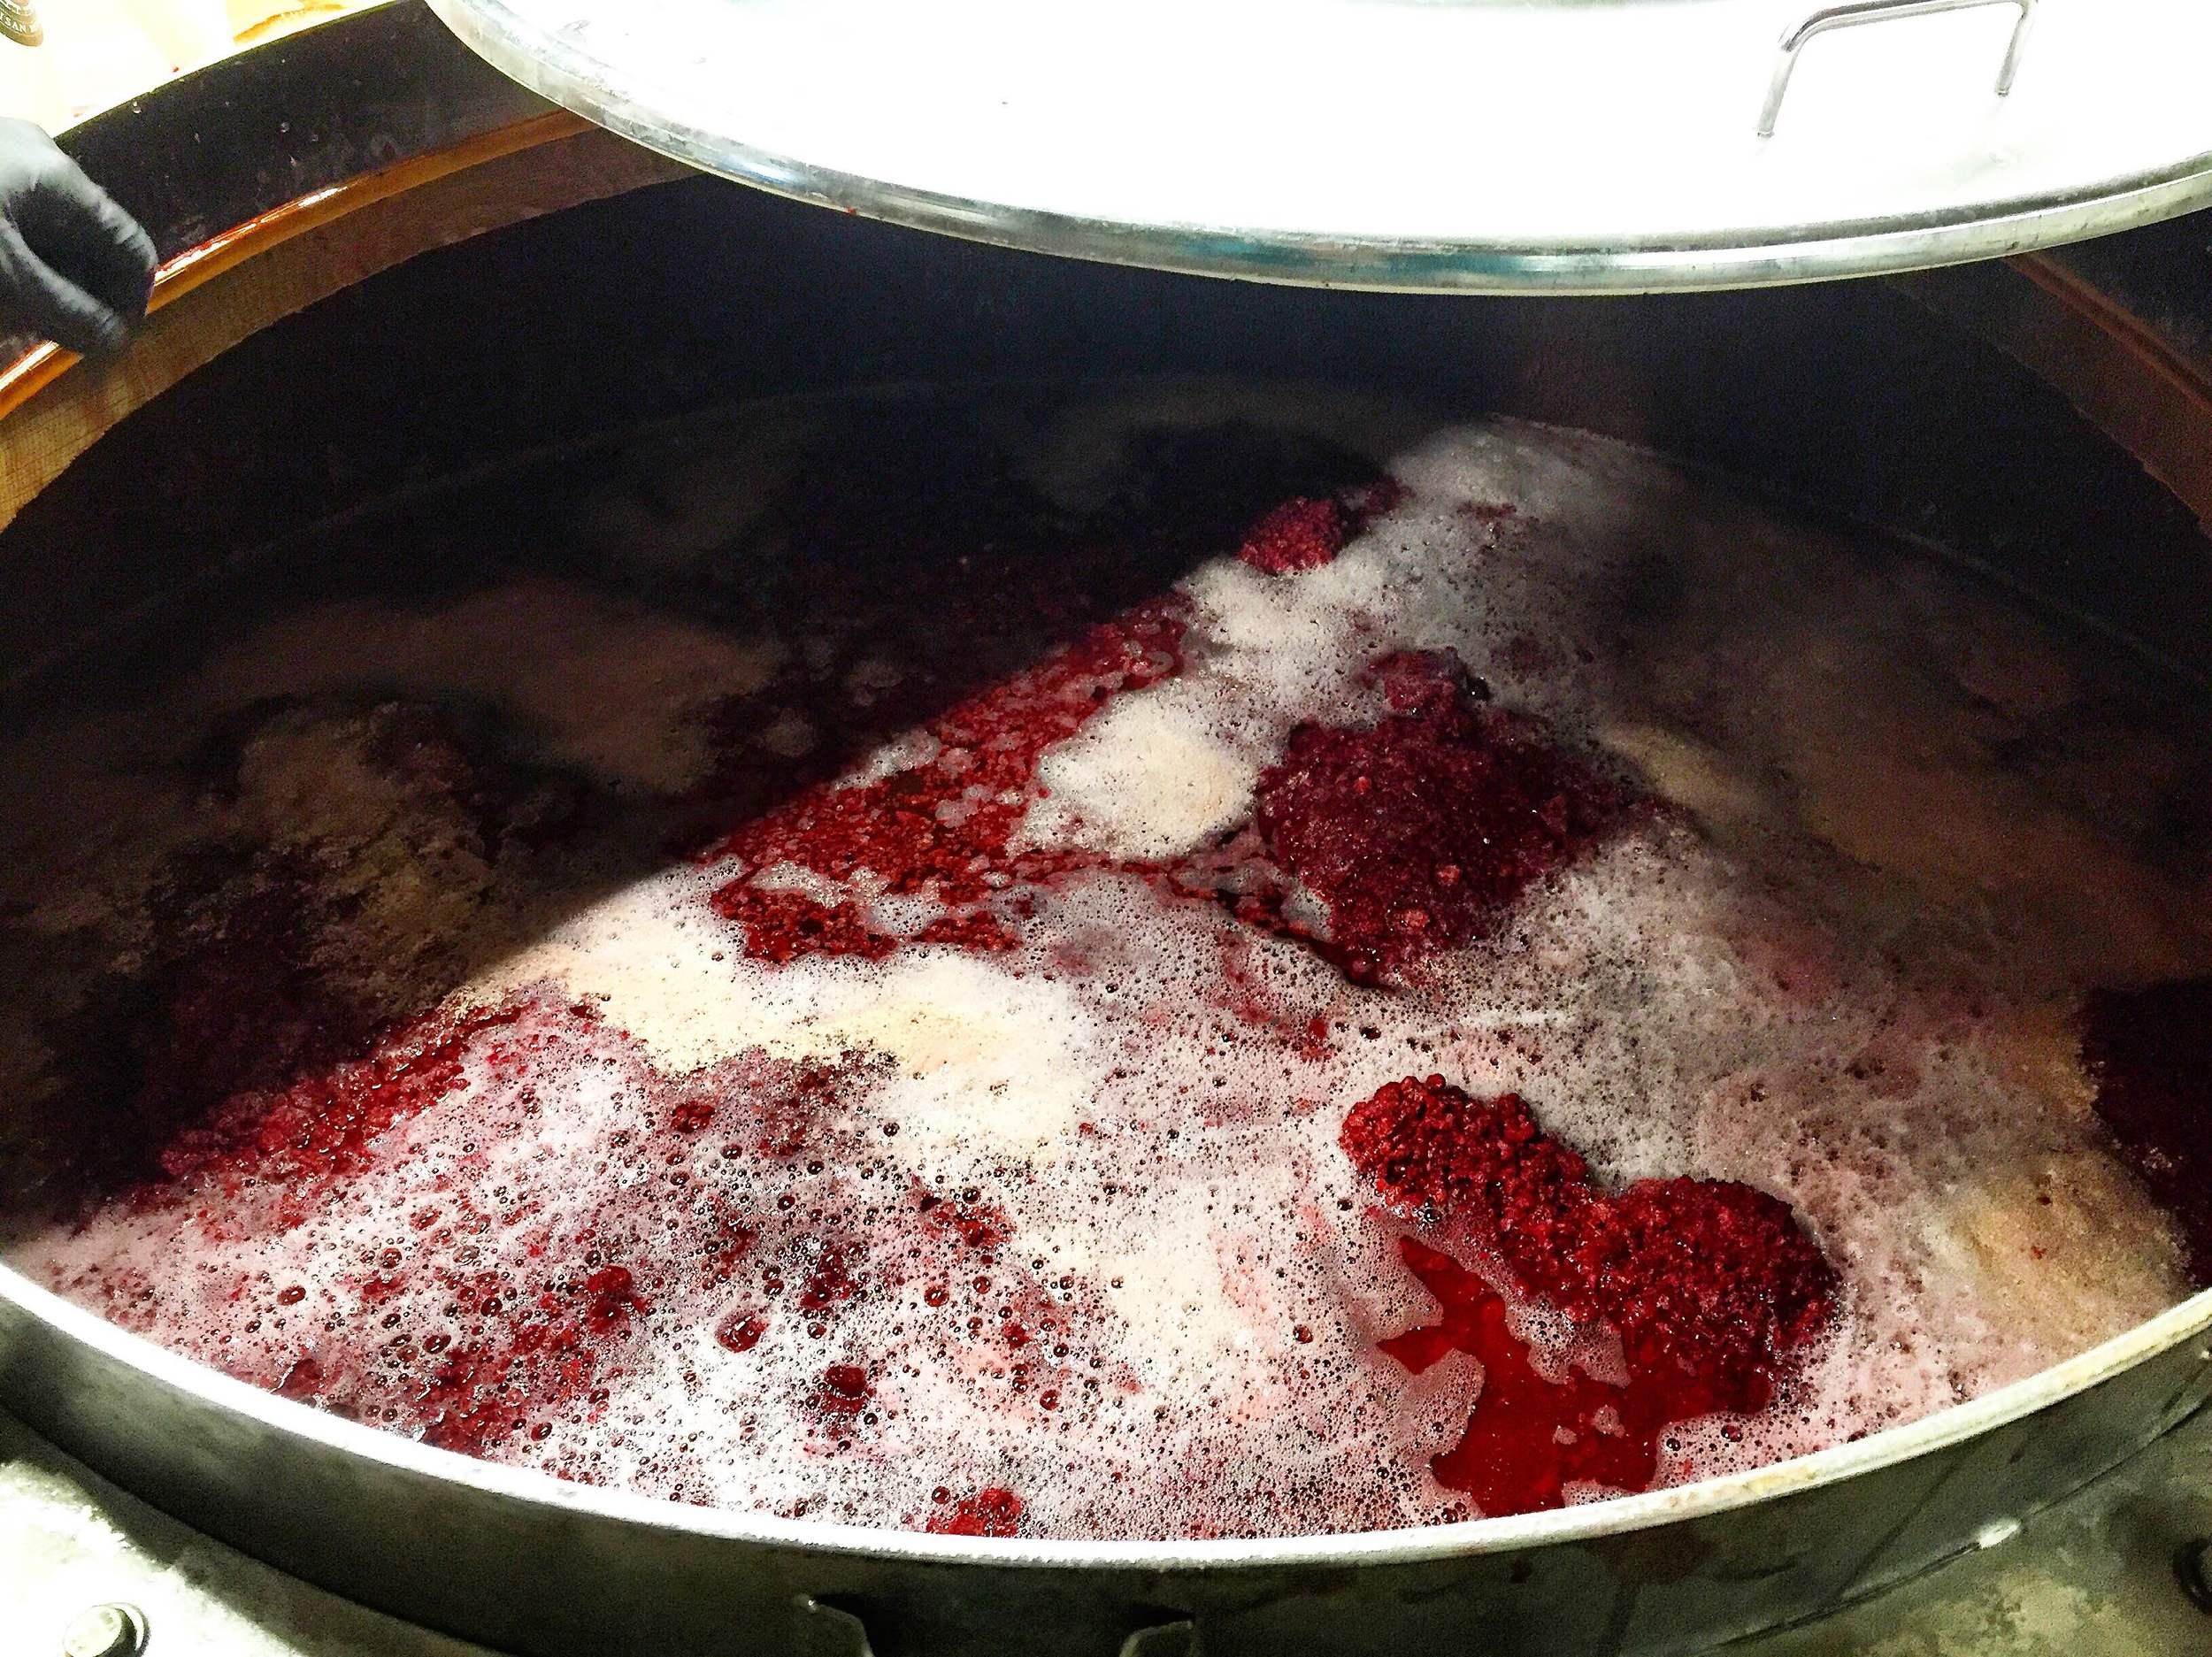 Raspberries in foeder